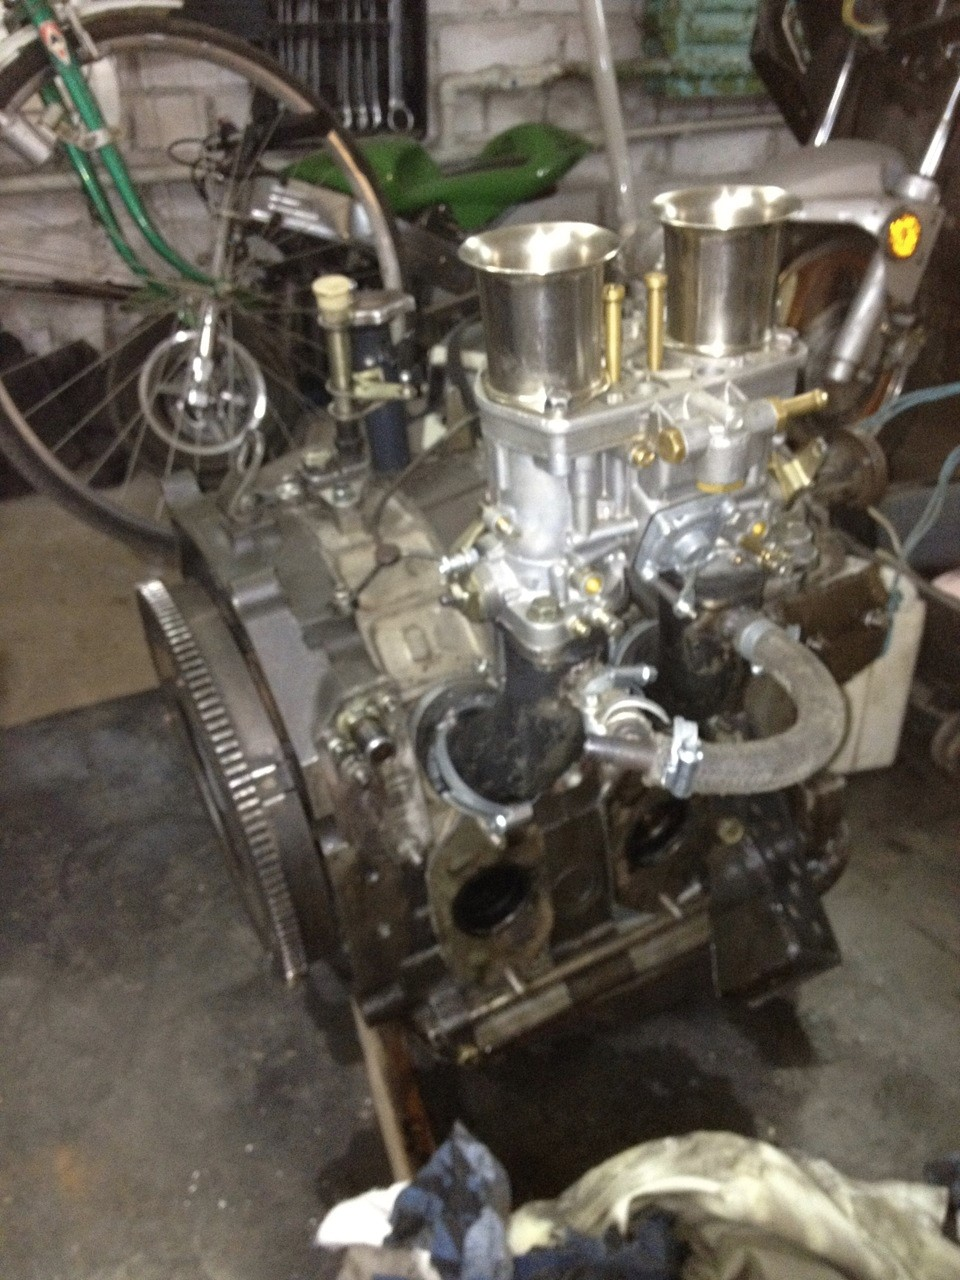 Роторный мотор. Готов к установке в ВАЗ